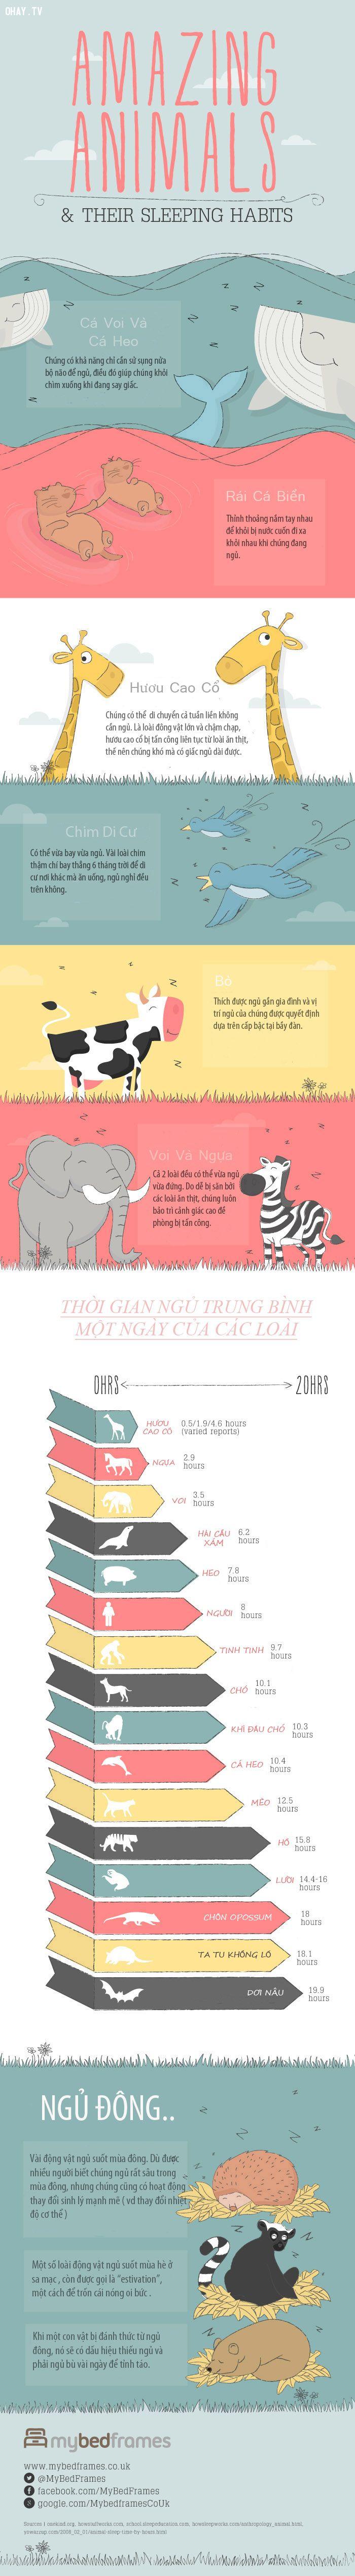 ảnh infographic,infographic về động vật,động vật,thói quen của động vật,thói quen kì lạ